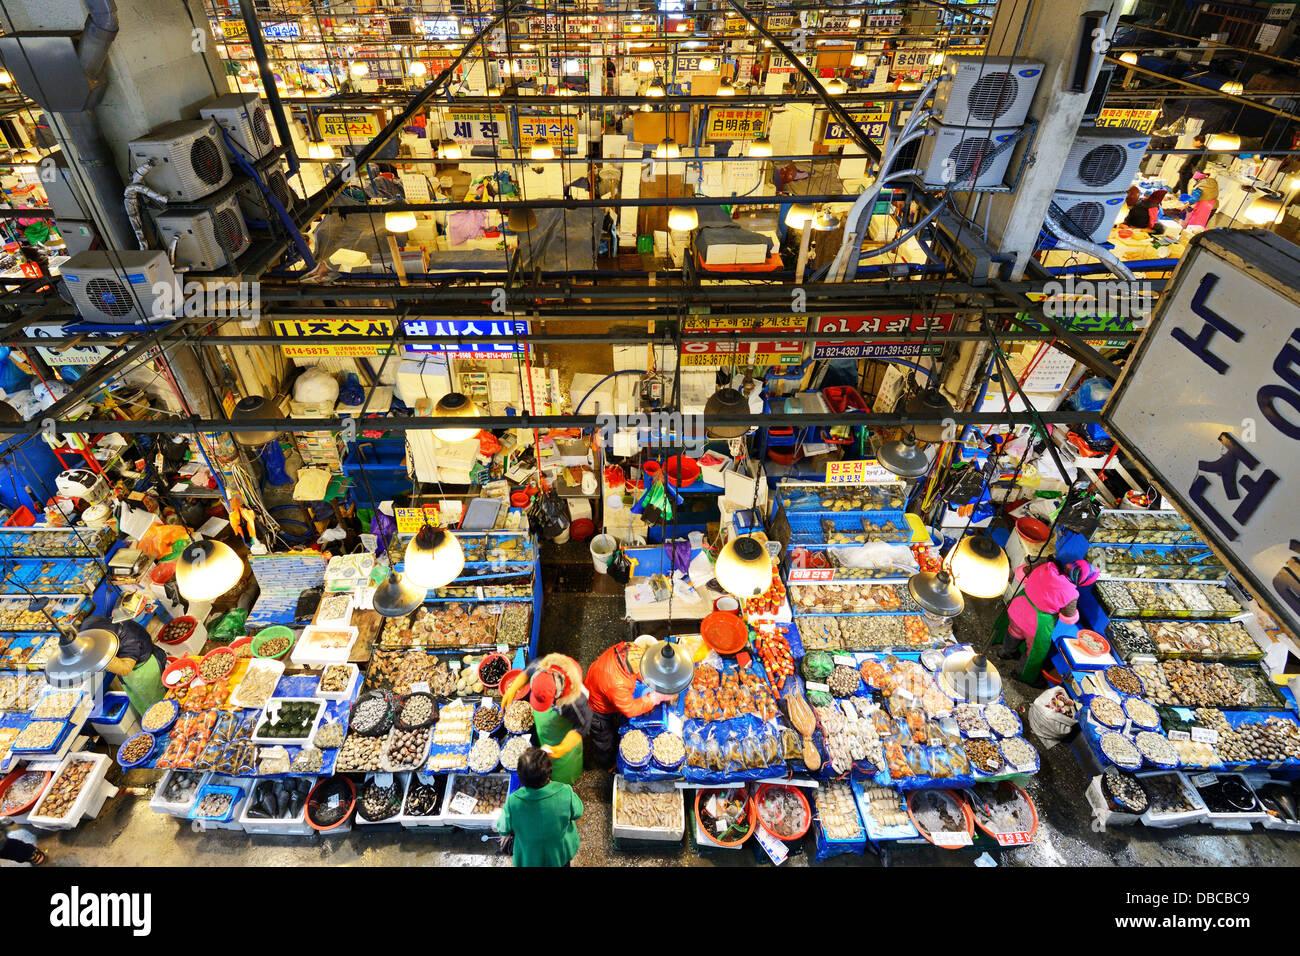 Mercado de Pescado de Noryangjin en Seúl, Corea del Sur. Imagen De Stock